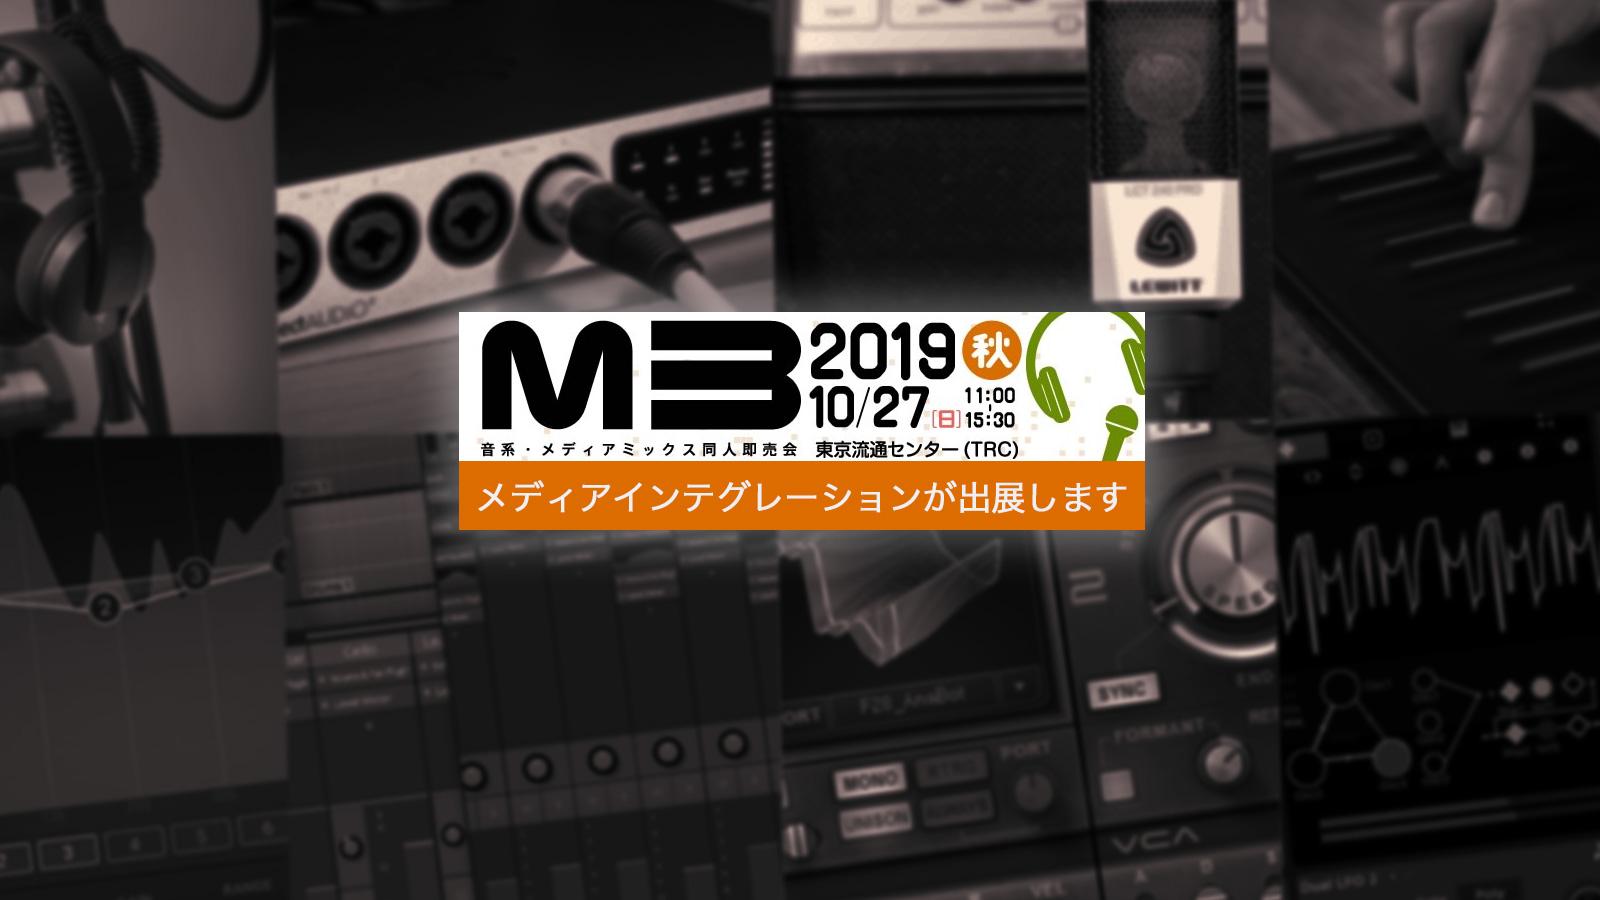 10月27日(日)「M3-2019 秋」音系・メディアミックス同人即売会出展のお知らせ